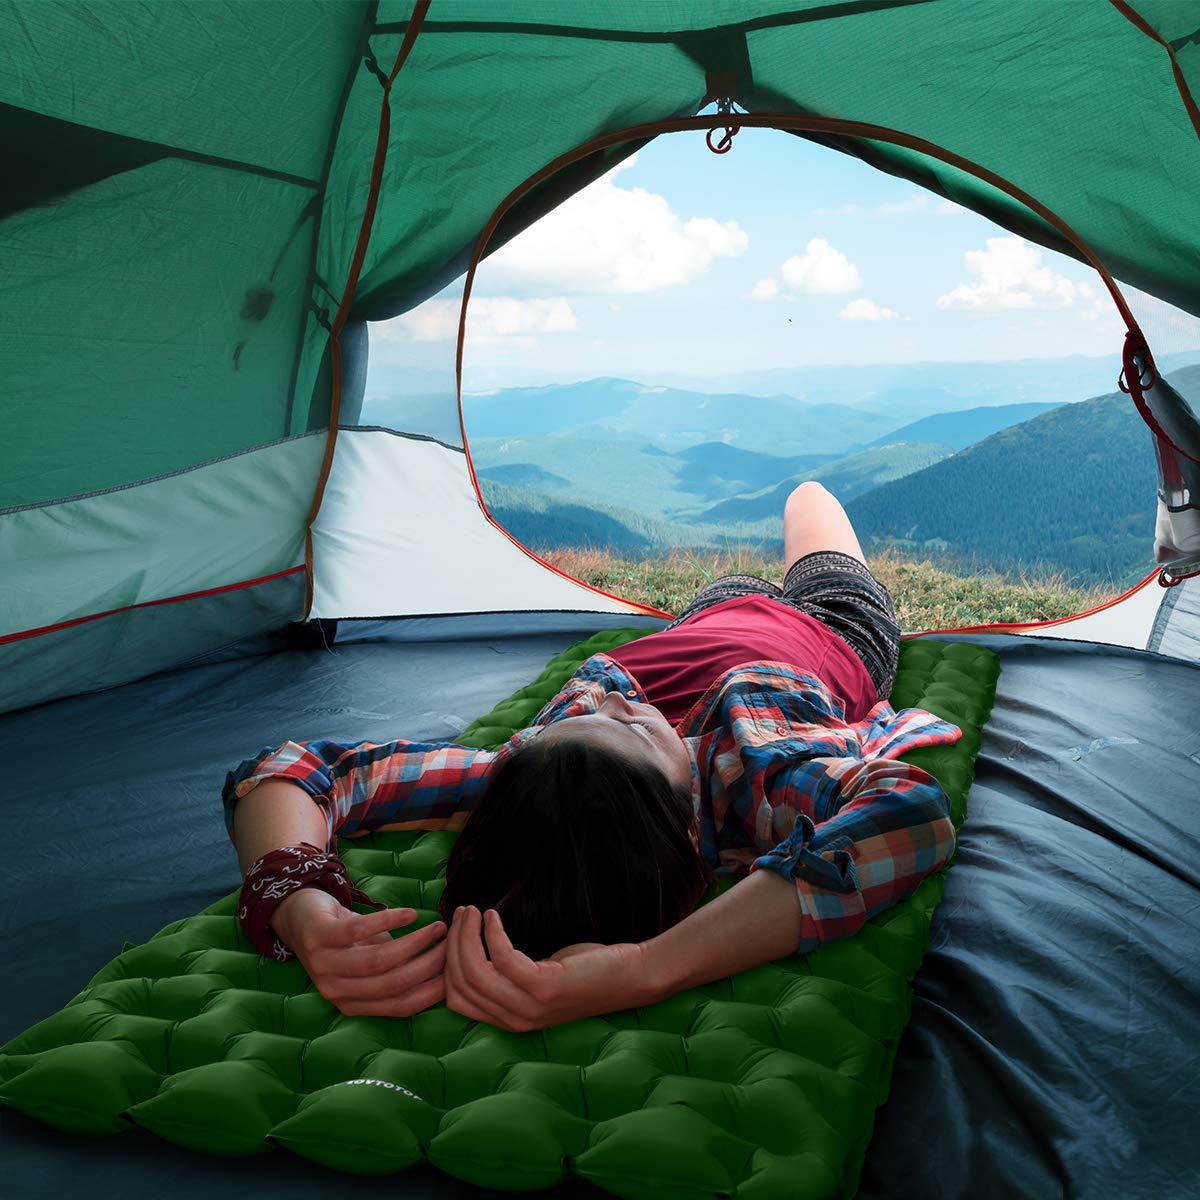 Viajes y Caminatas MOVTOTOP Colchoneta Inflable para Acampar con Almohadilla para Dormir con Kit de reparaci/ón Colch/ón de Campamento liviano y Compacto para mochileros Verde